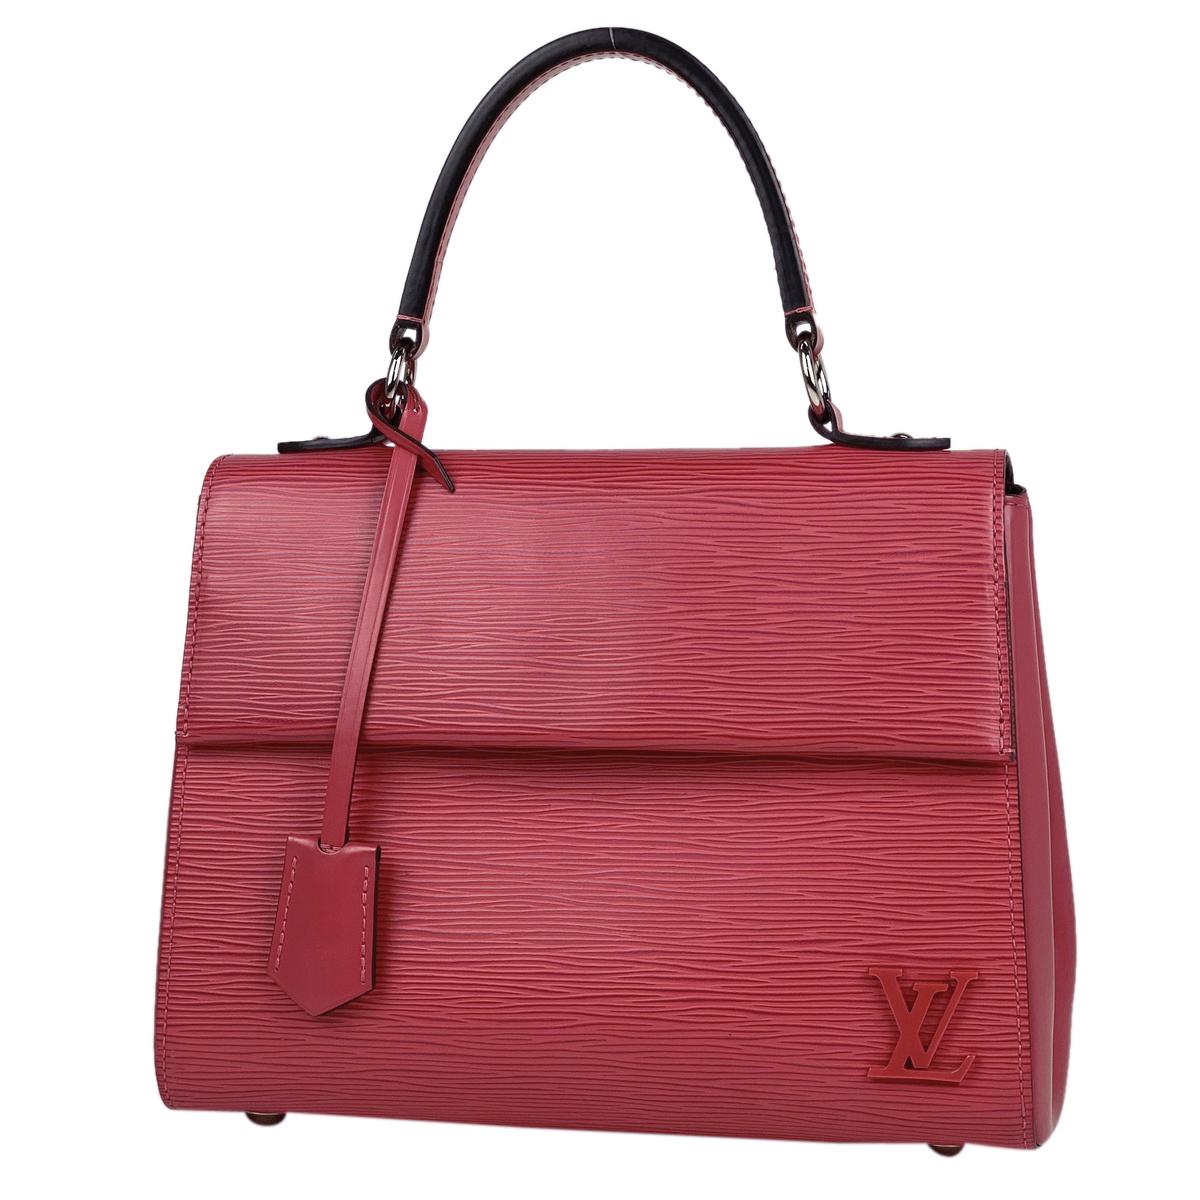 ルイ・ヴィトン Louis Vuitton クリュニー BB ショルダーバッグ 2WAY M42051 ハンドバッグ エピ ピンク レディース 【中古】